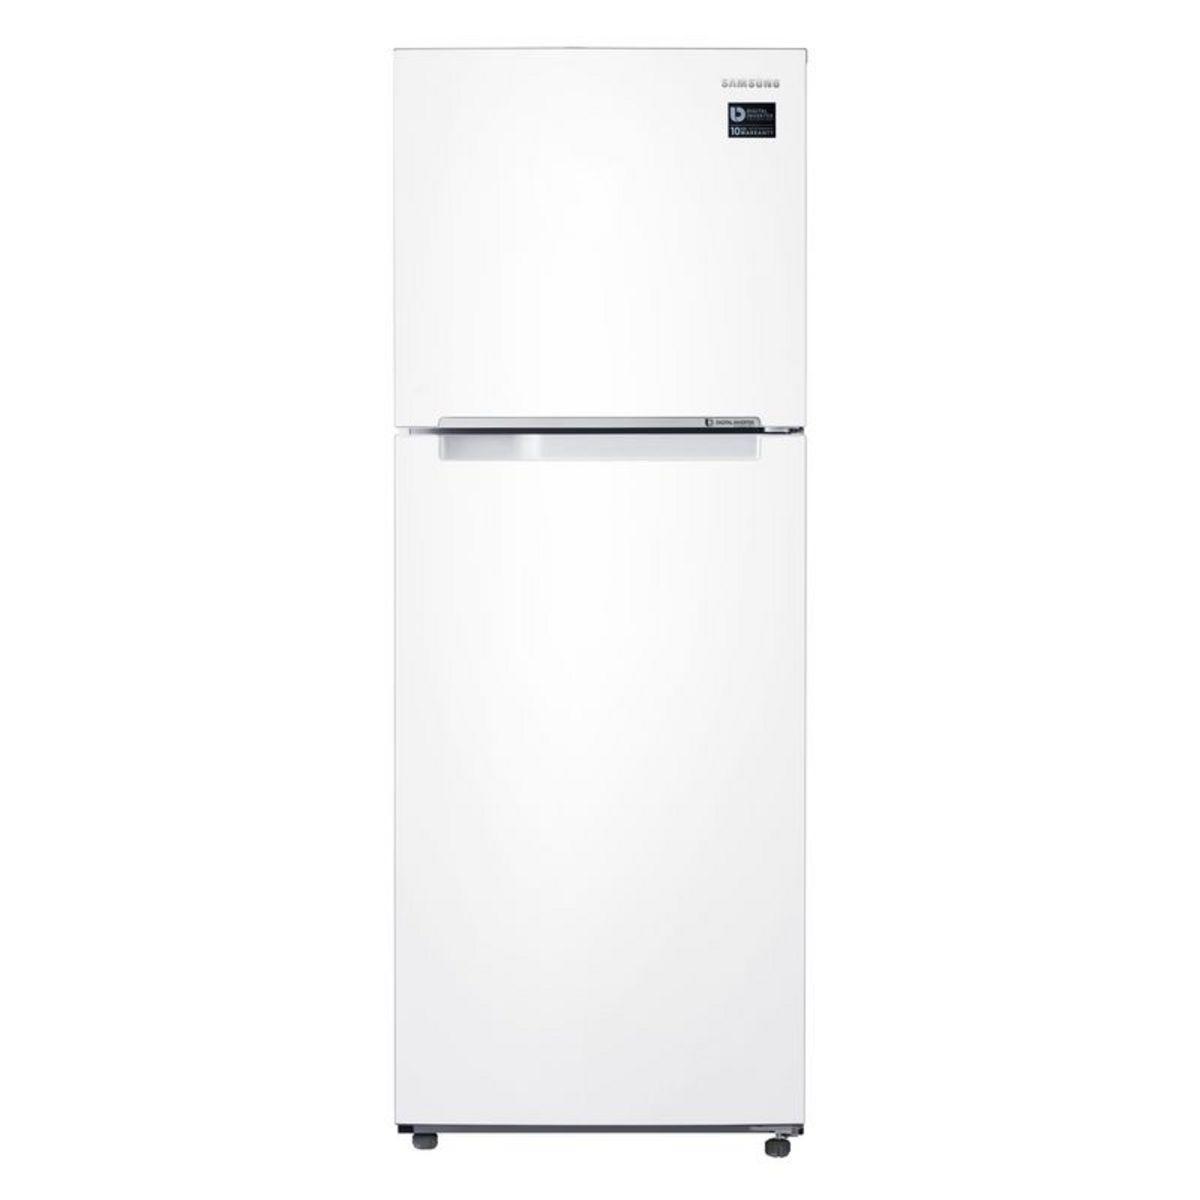 Réfrigérateur combiné RT29K5030WW, 300 L, Froid ventilé